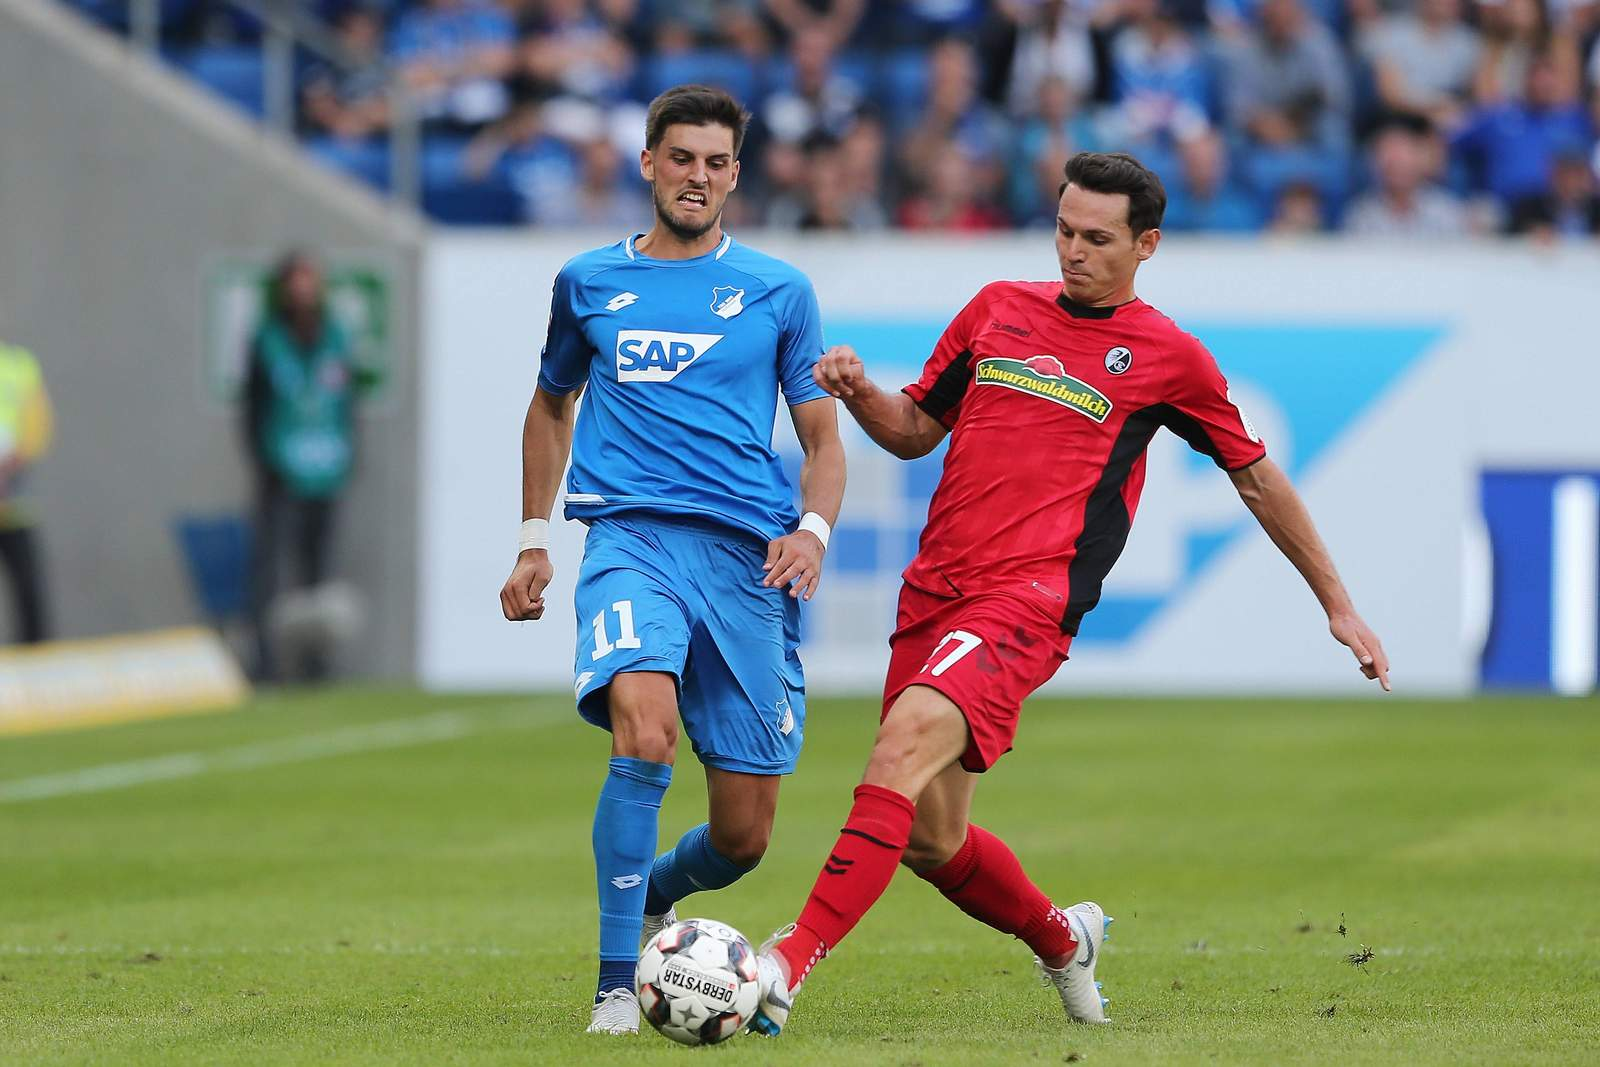 Florian Grillitsch von Hoffenheim gegen Nicolas Höfler vom SC Freiburg